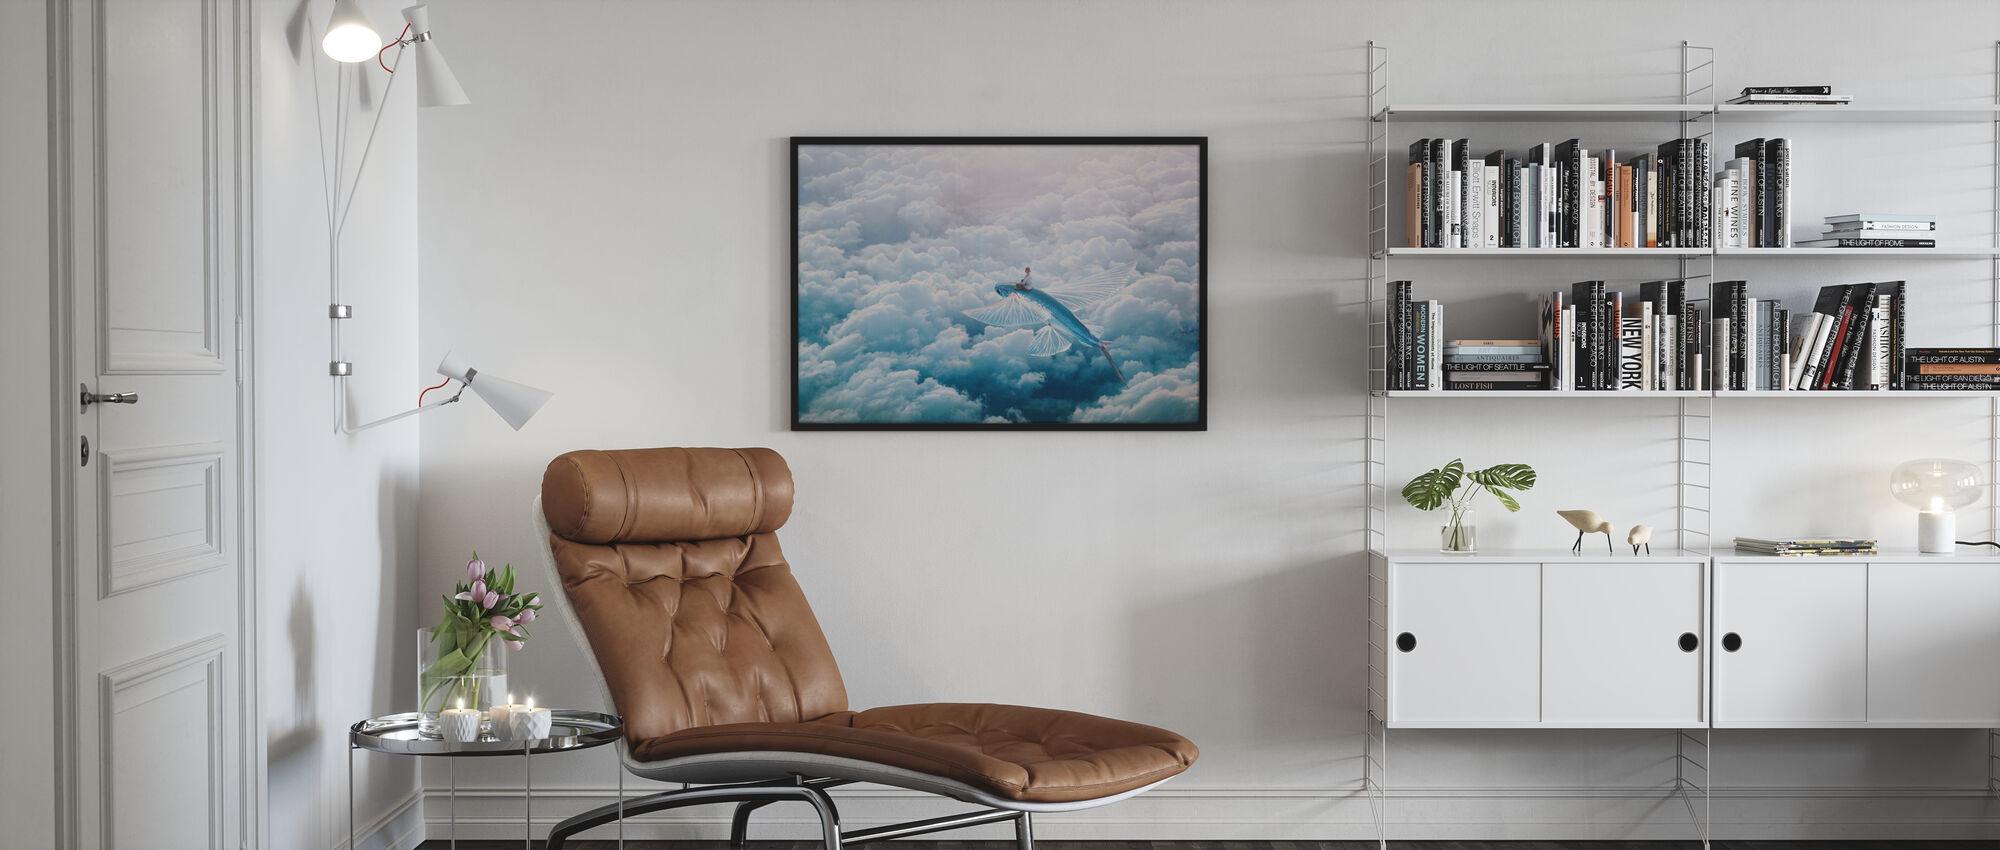 Flugzeug - Poster - Wohnzimmer